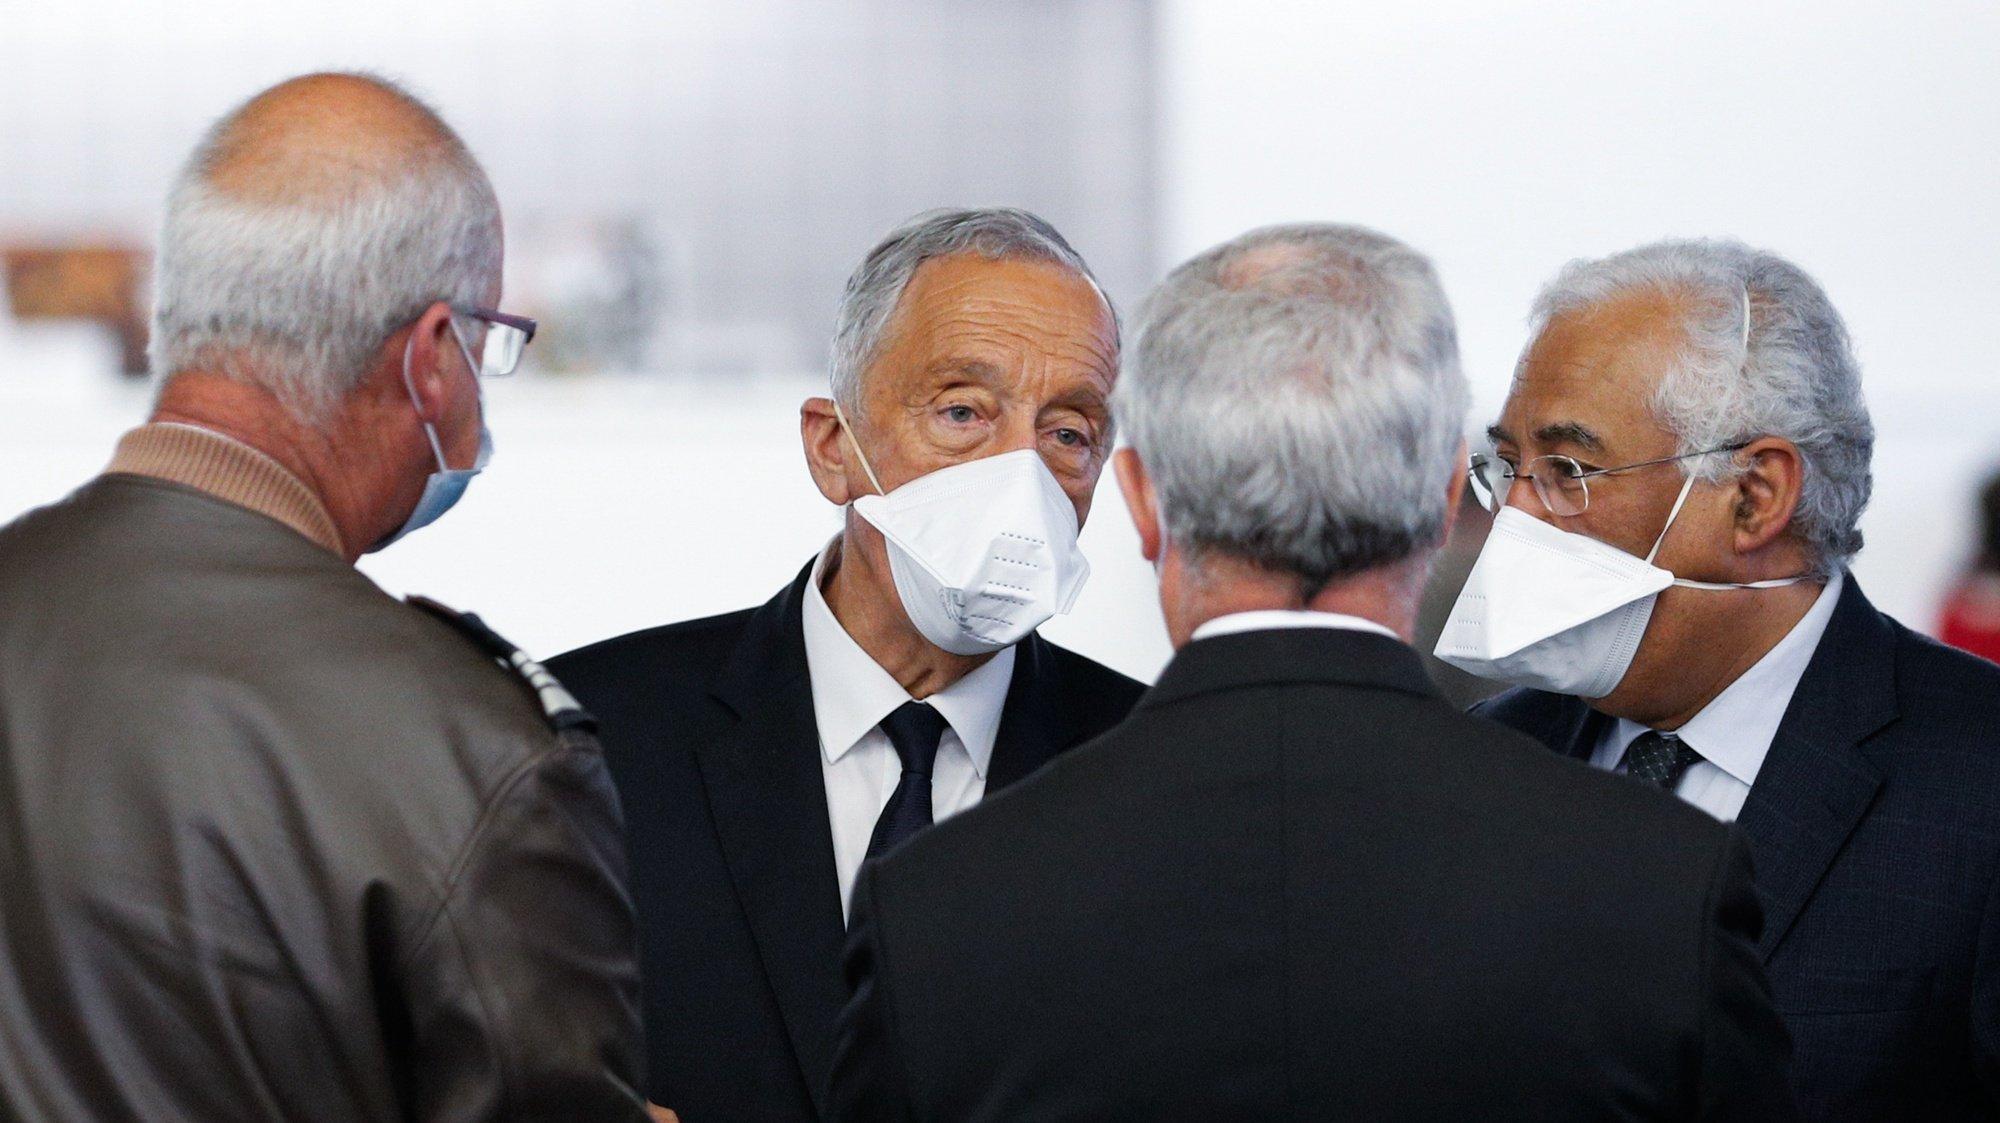 O Presidente da República, Marcelo Rebelo de Sousa (2-E), e o primeiro-ministro, António Costa (D), durante a visita ao Hospital das Forças Armadas, em Lisboa, 26 de janeiro de 2021. ANTÓNIO COTRIM/LUSA